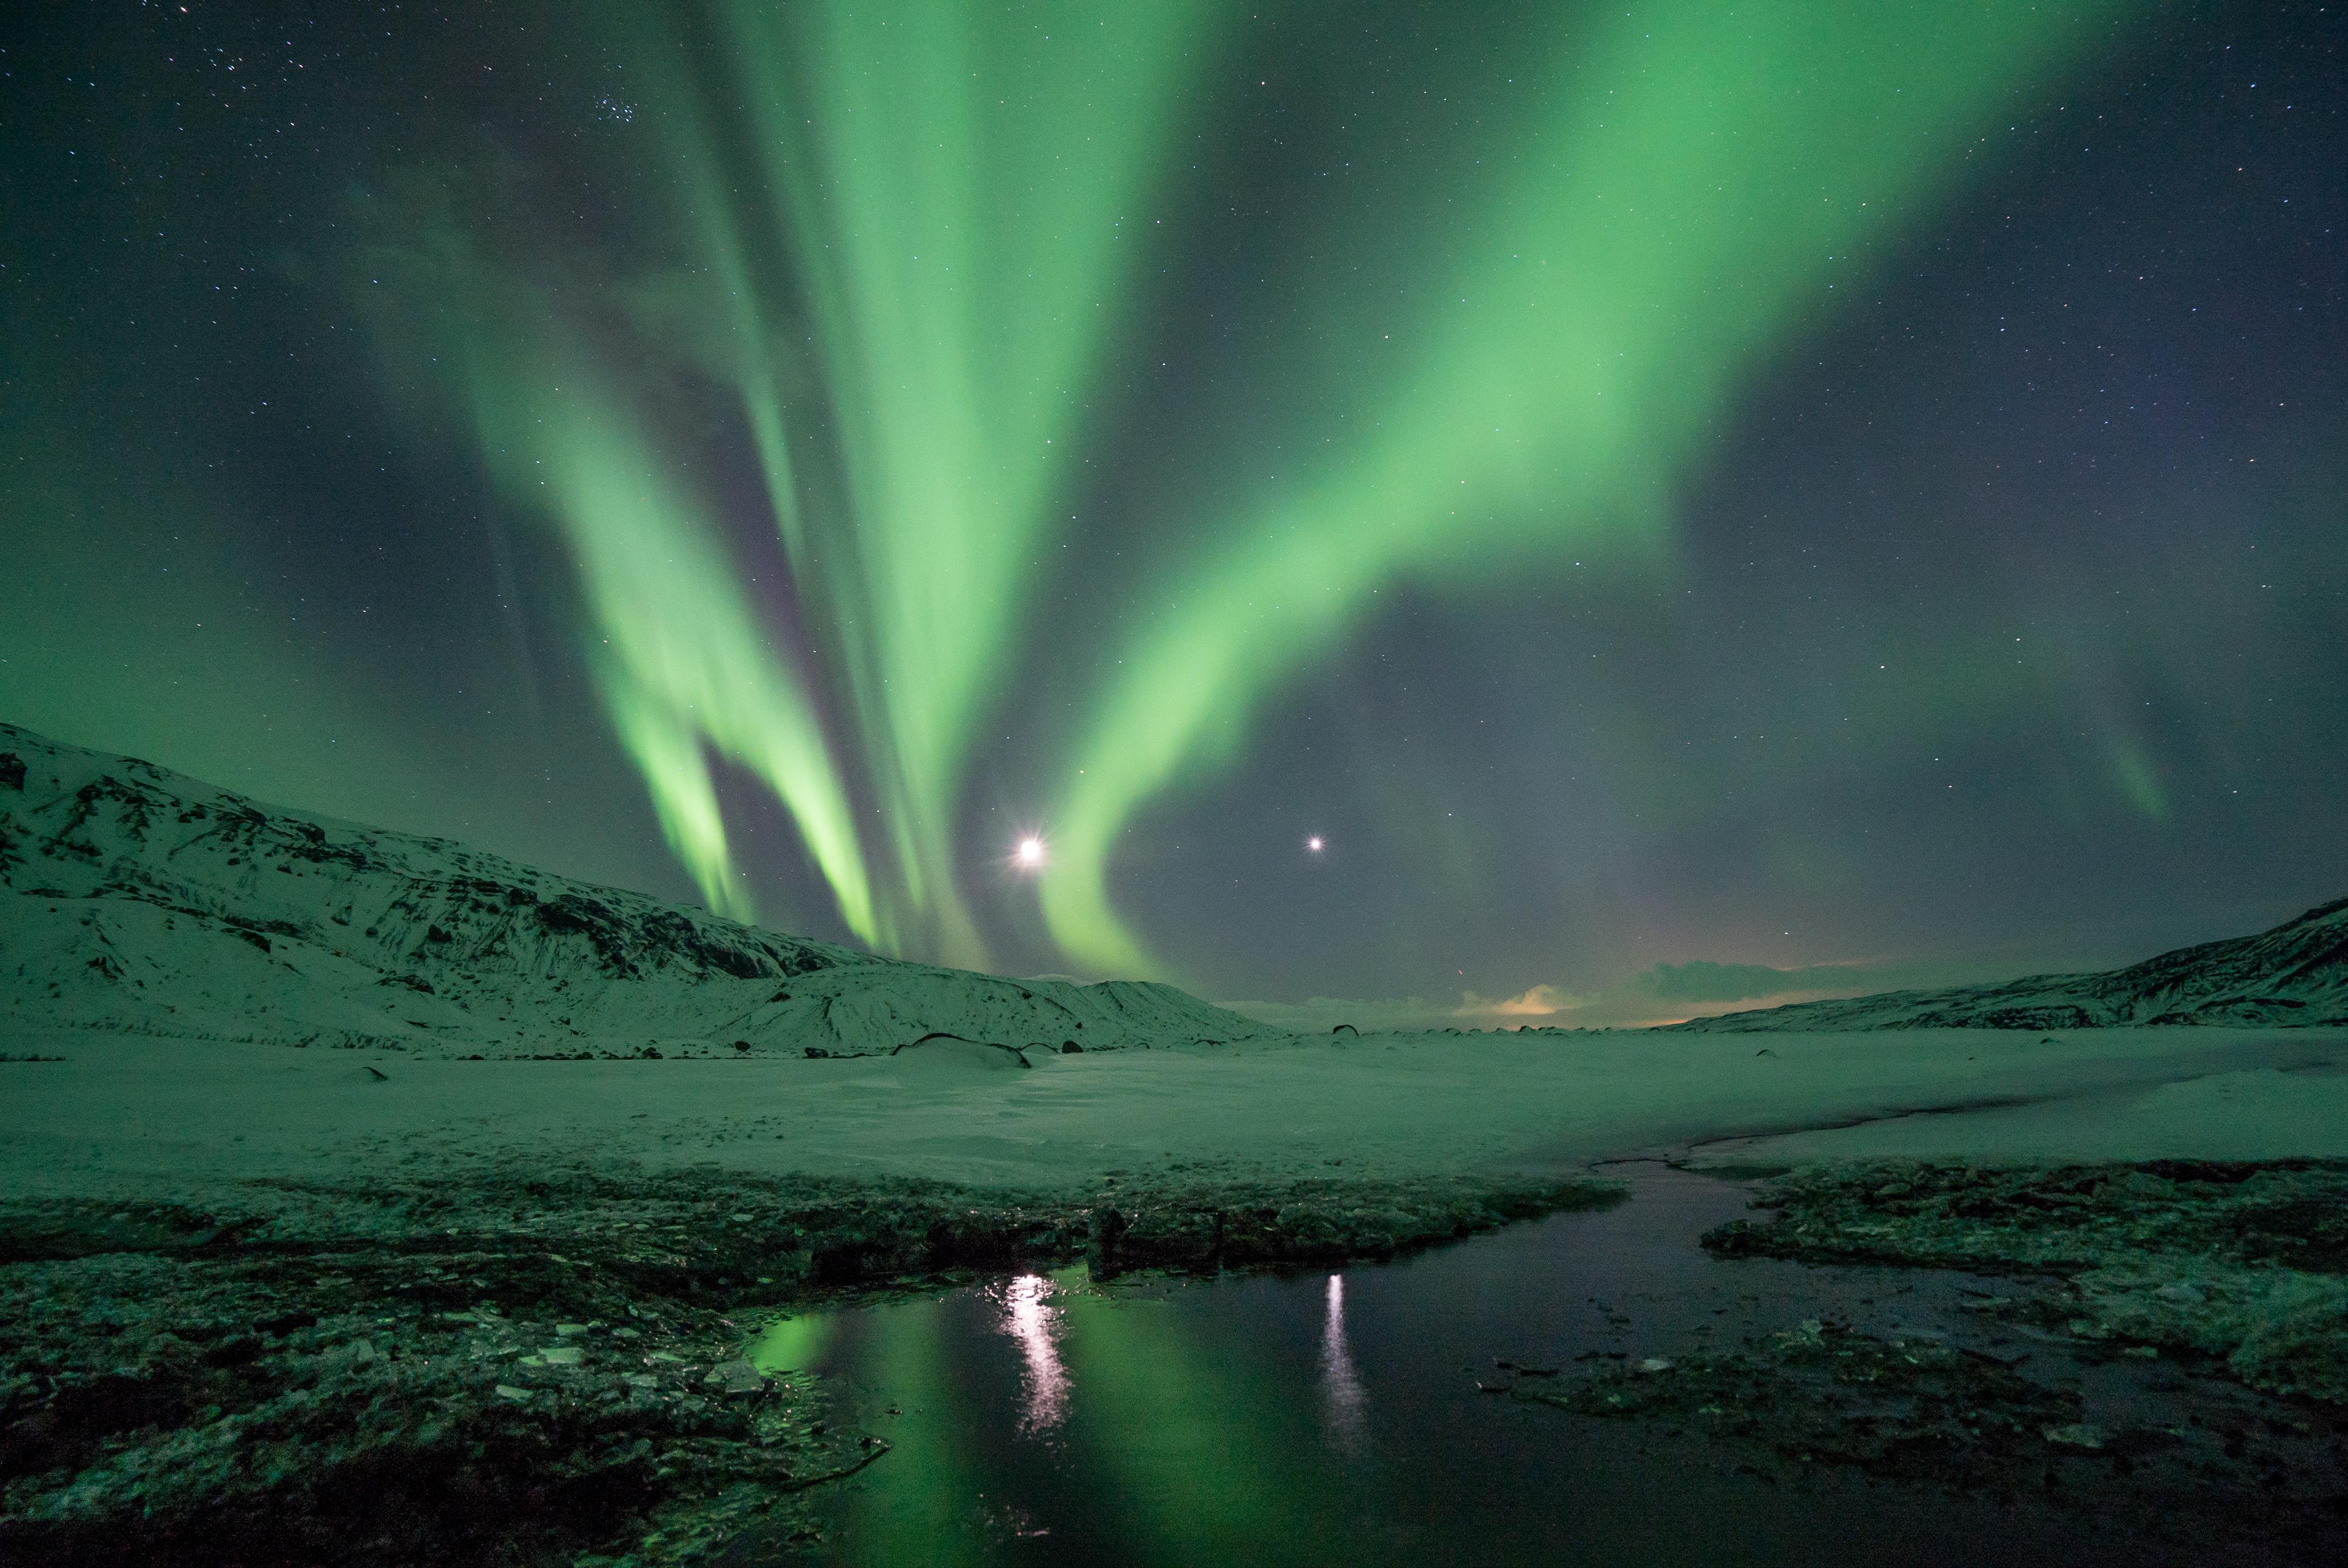 Aurora boreale 4k ultra hd wallpaper sfondi 4240x2832 for Sfondi aurora boreale